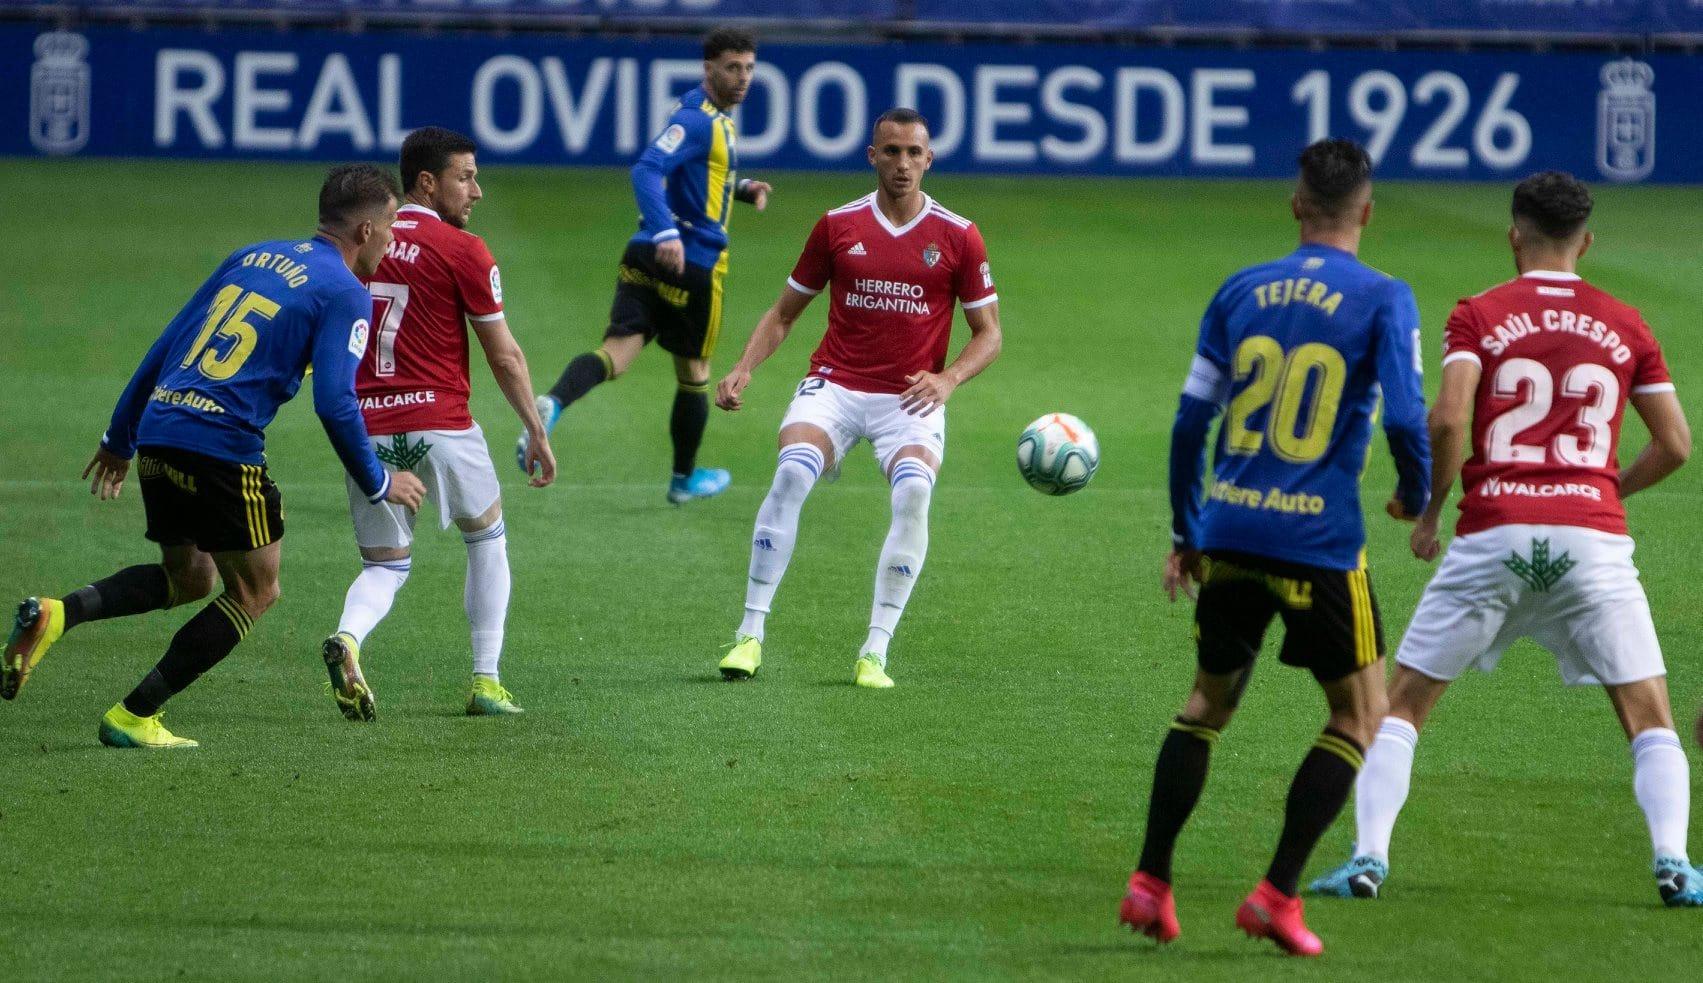 Real Oviedo 0 - SD Ponferradina 0. La Deportiva regresa de Oviedo con la sensación de haber dejado escapar los tres puntos 2